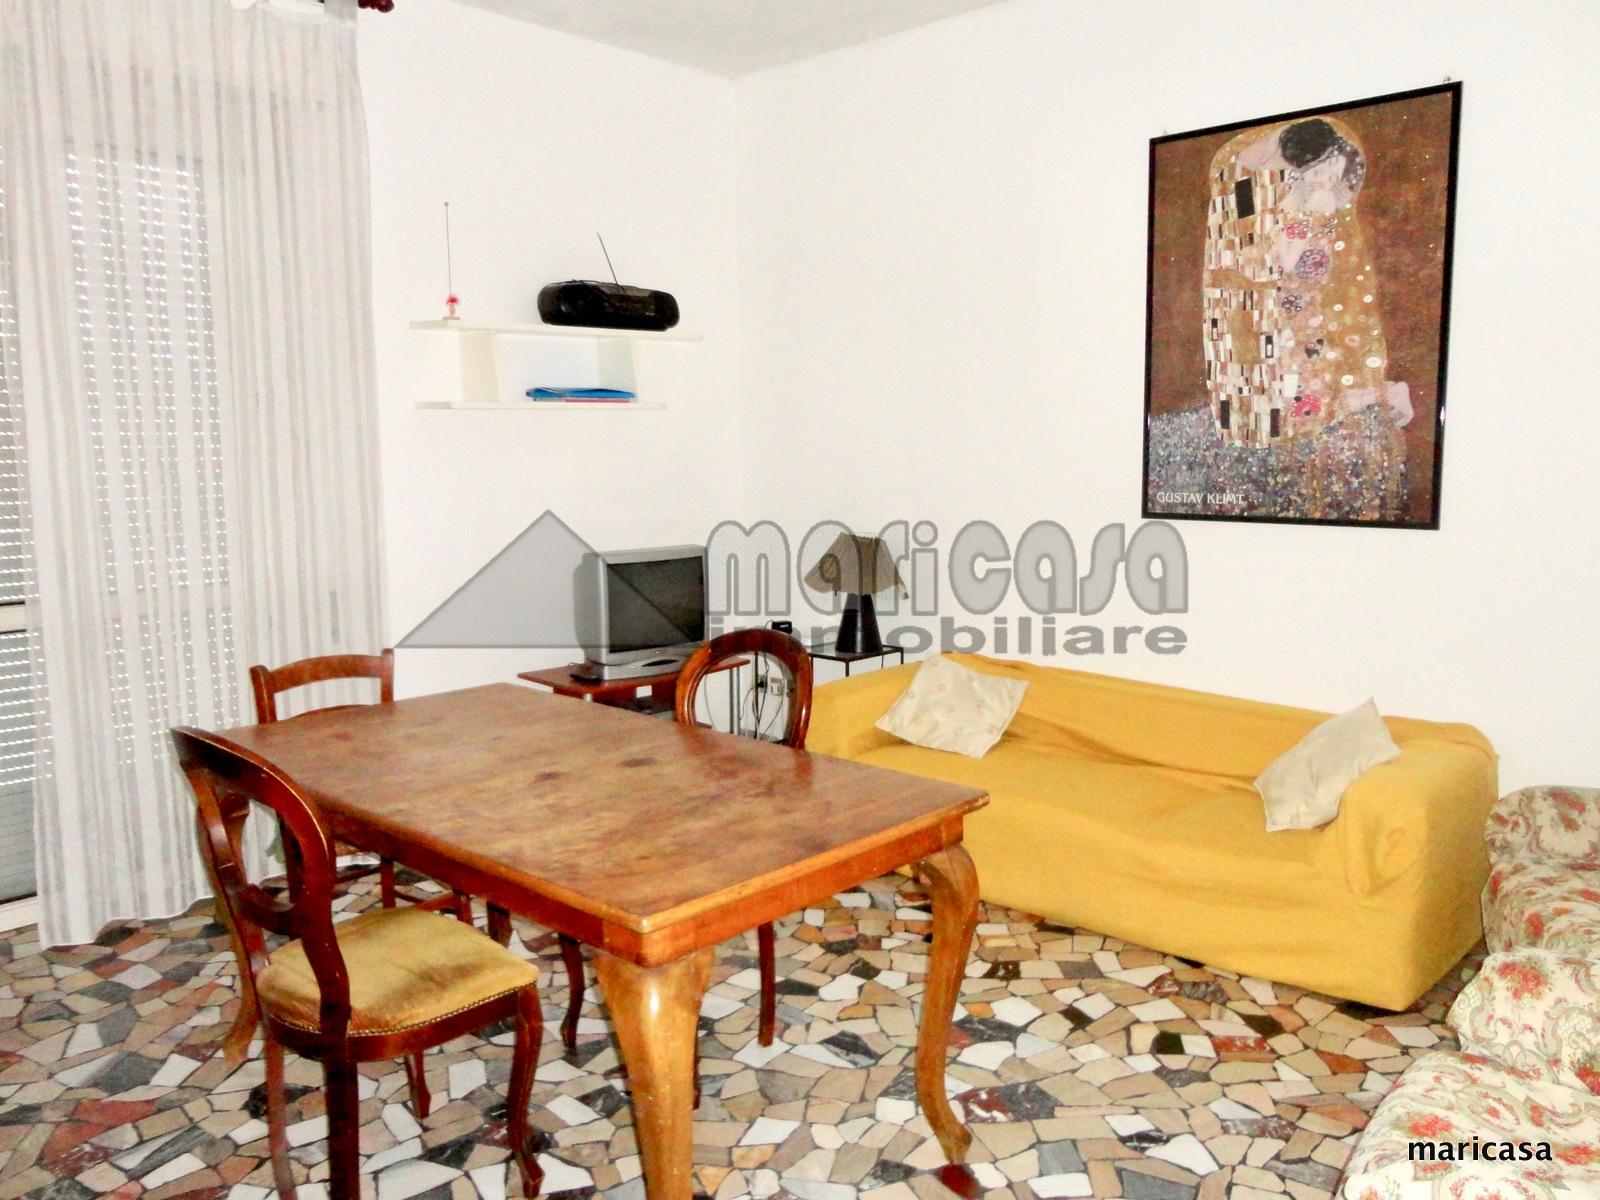 Appartamento in affitto a Ferrara, 4 locali, zona Località: EntroMura, prezzo € 600 | CambioCasa.it